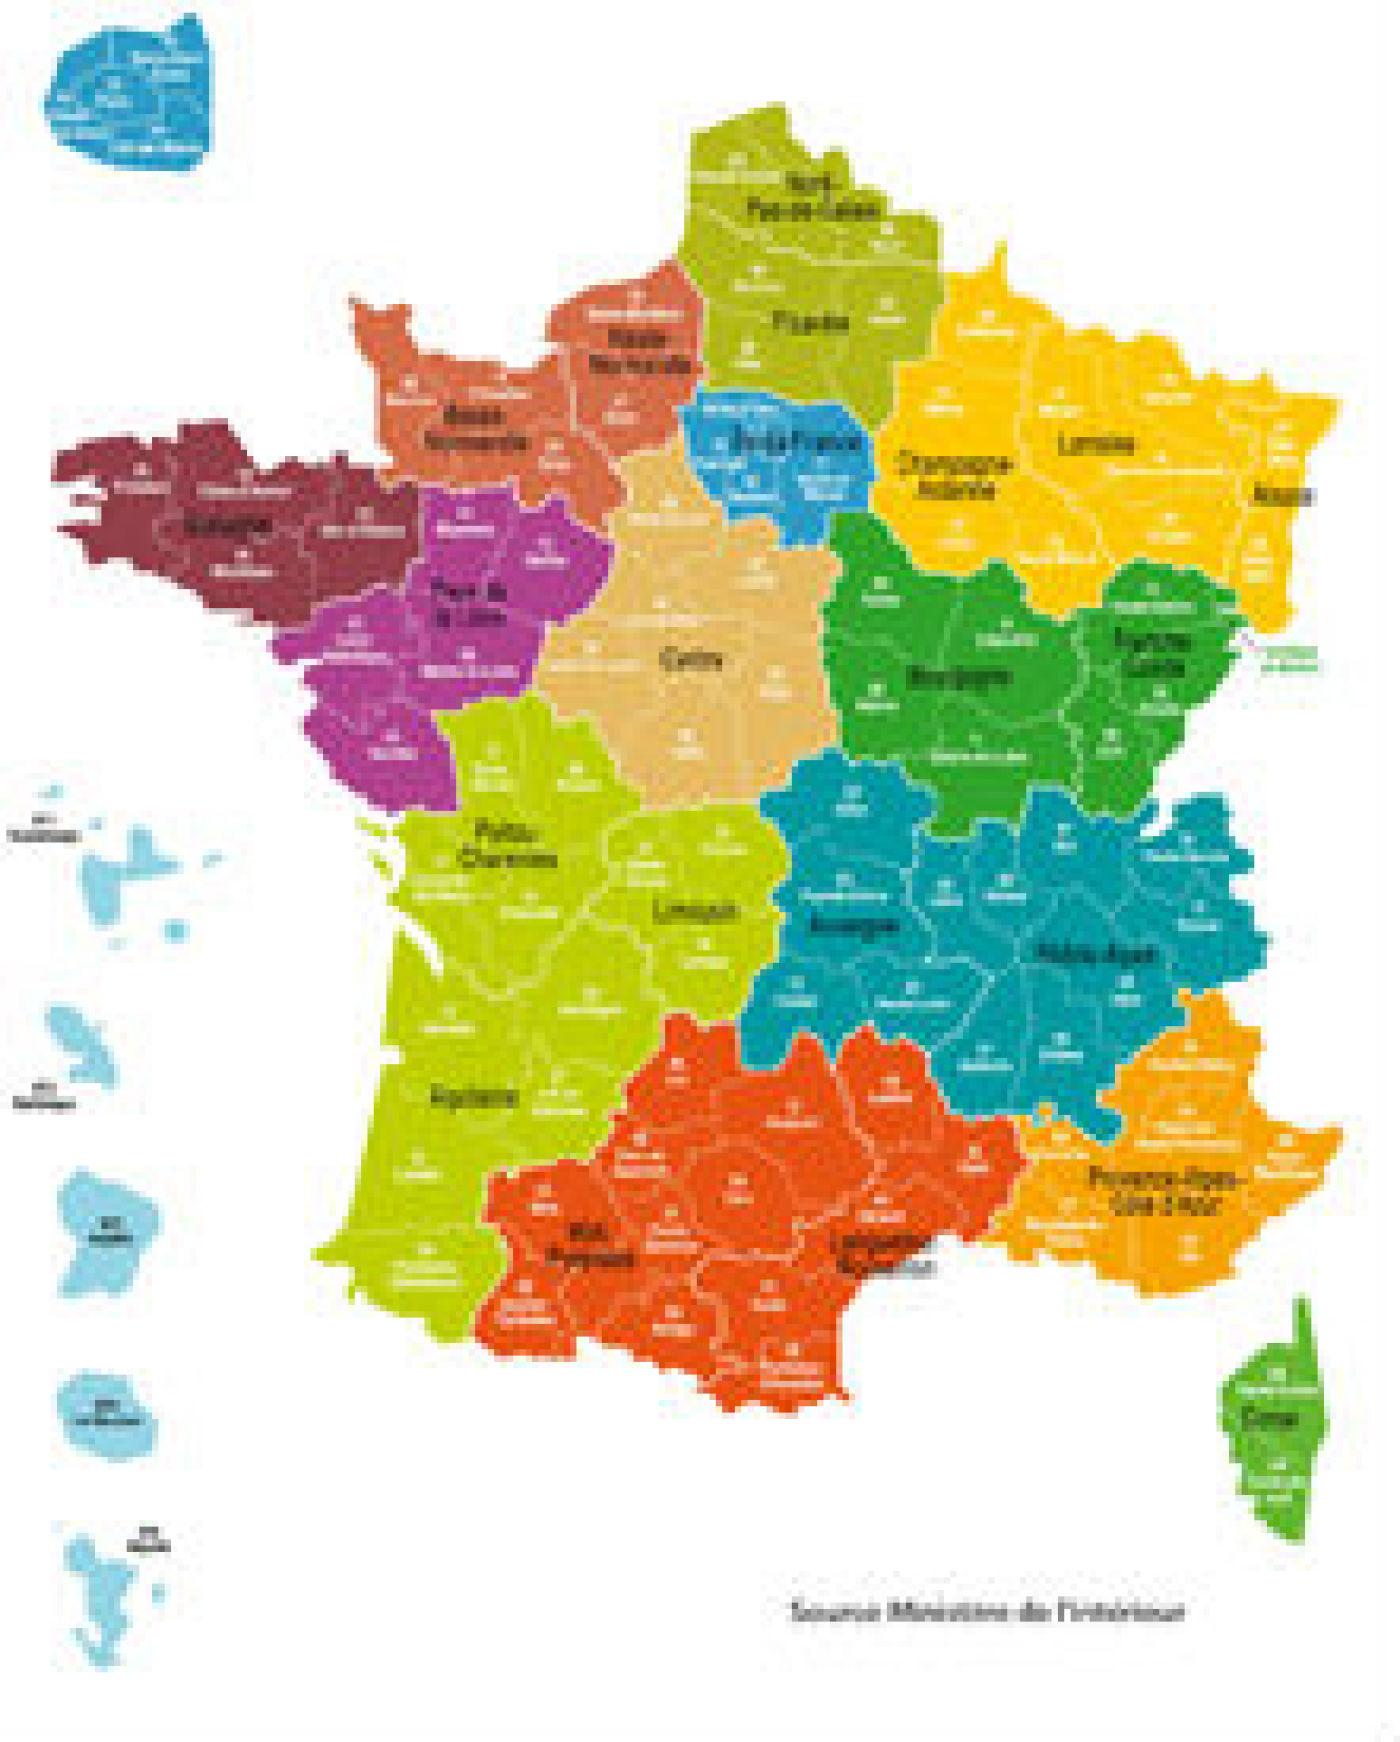 Réforme Territoriale: Quels Noms Pour Les Nouvelles Régions? concernant Carte De France Nouvelles Régions